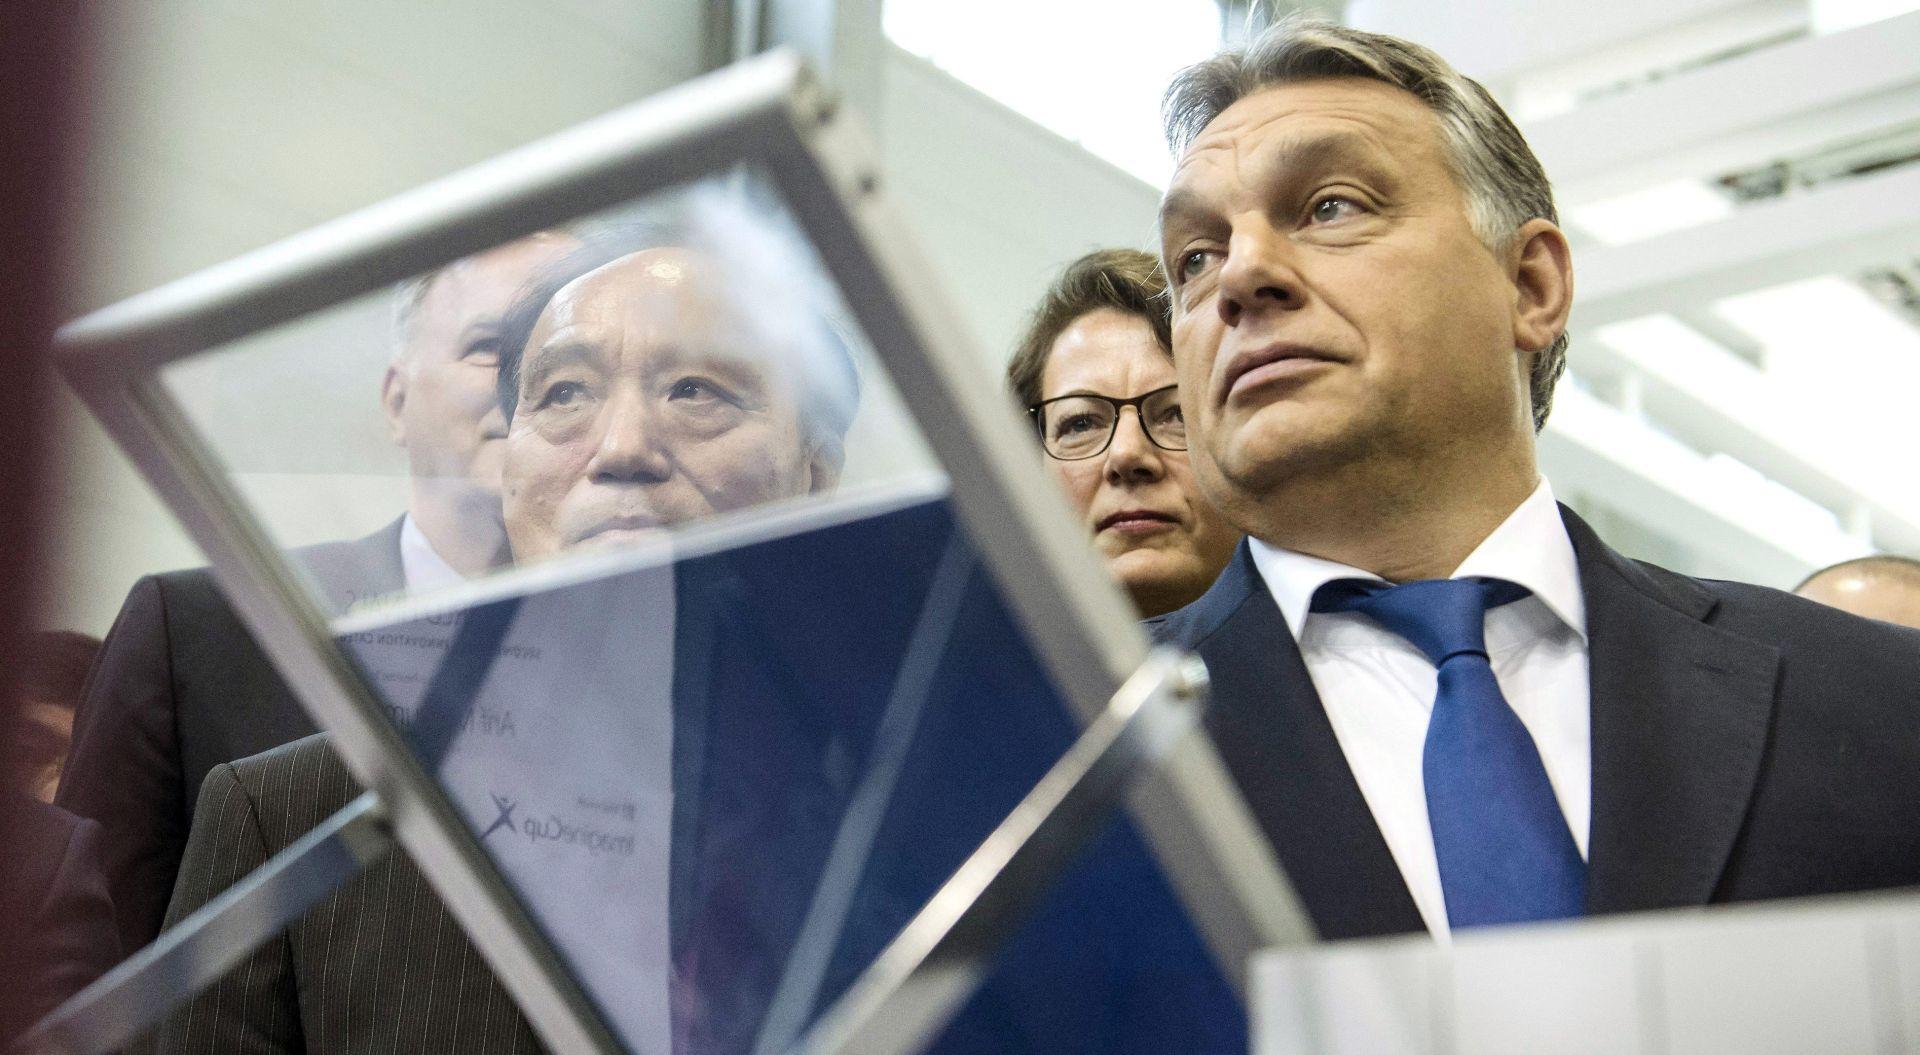 OGRADA GOTOVA Orban: Odluku o zatvaranju donosimo u petak, granicu možemo zatvoriti u roku od sat vremena